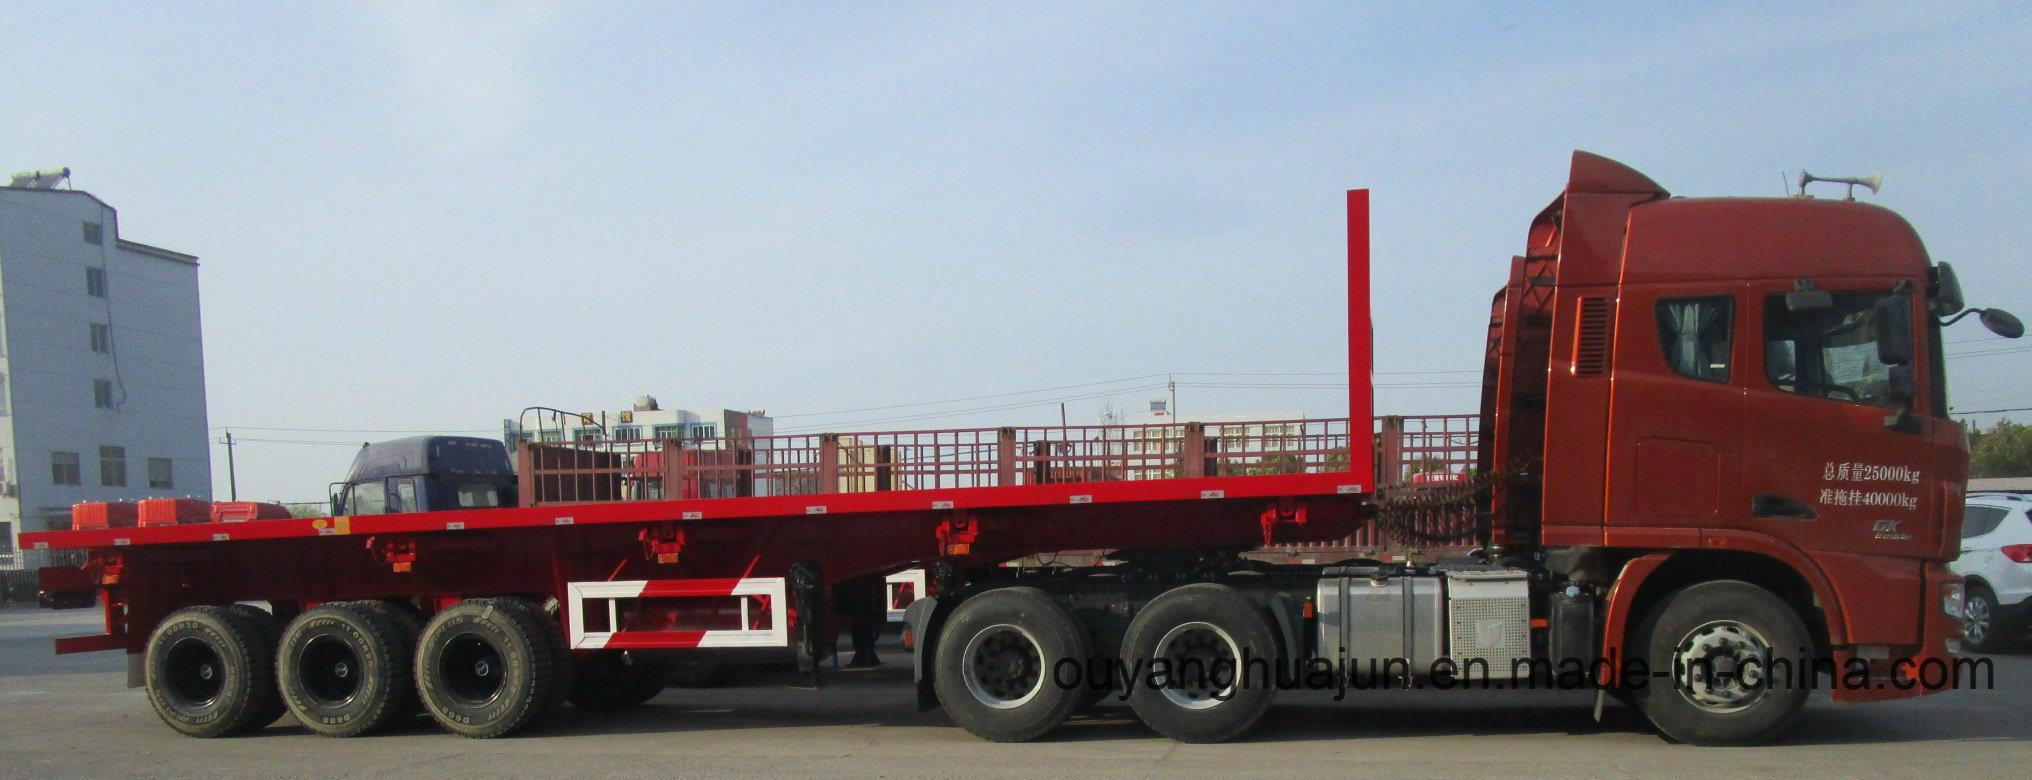 Low Bed Rear Self Dump Semitrailer